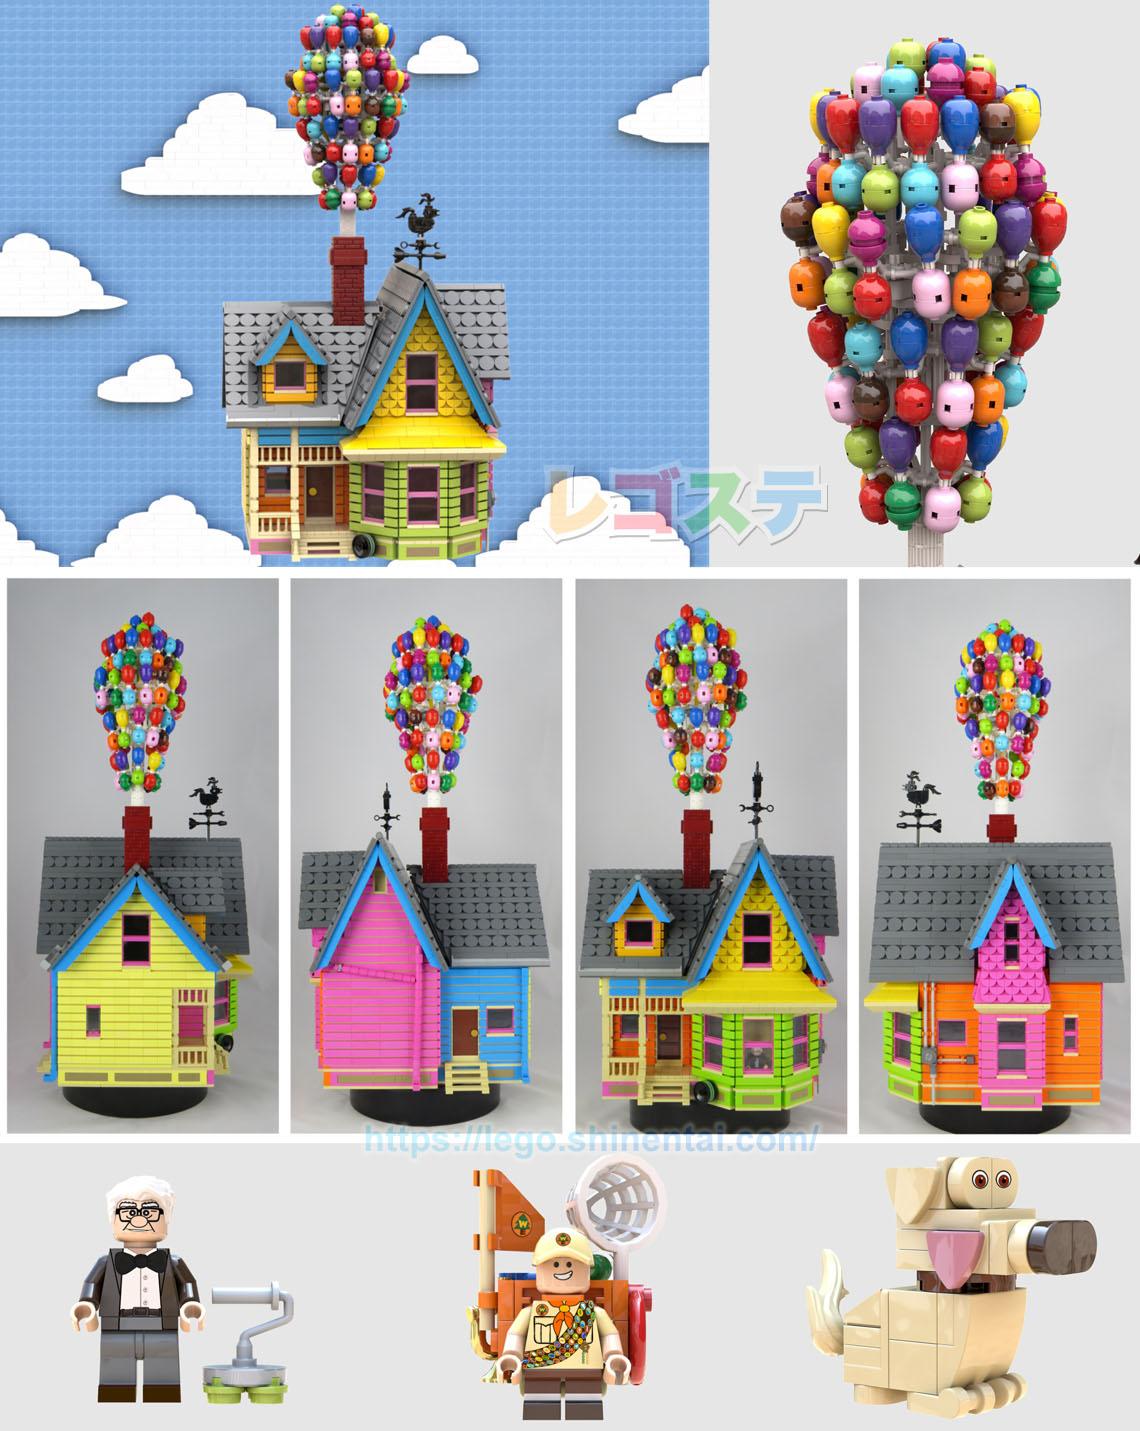 カールじいさんの空飛ぶ家:House from Up